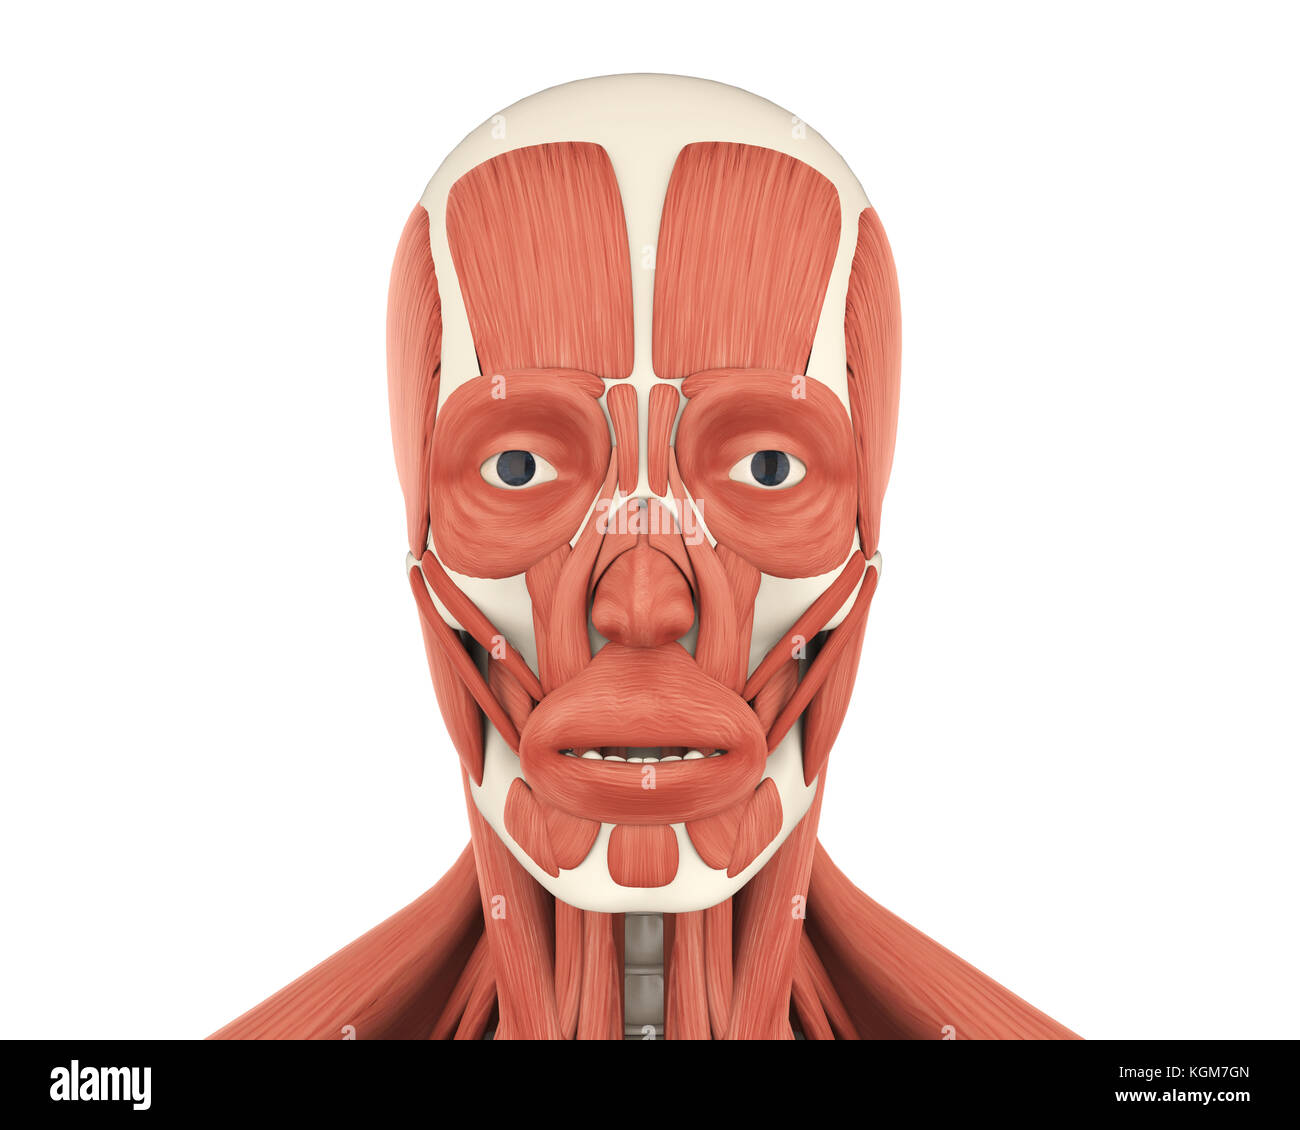 Los músculos faciales anatomía humana Imagen De Stock